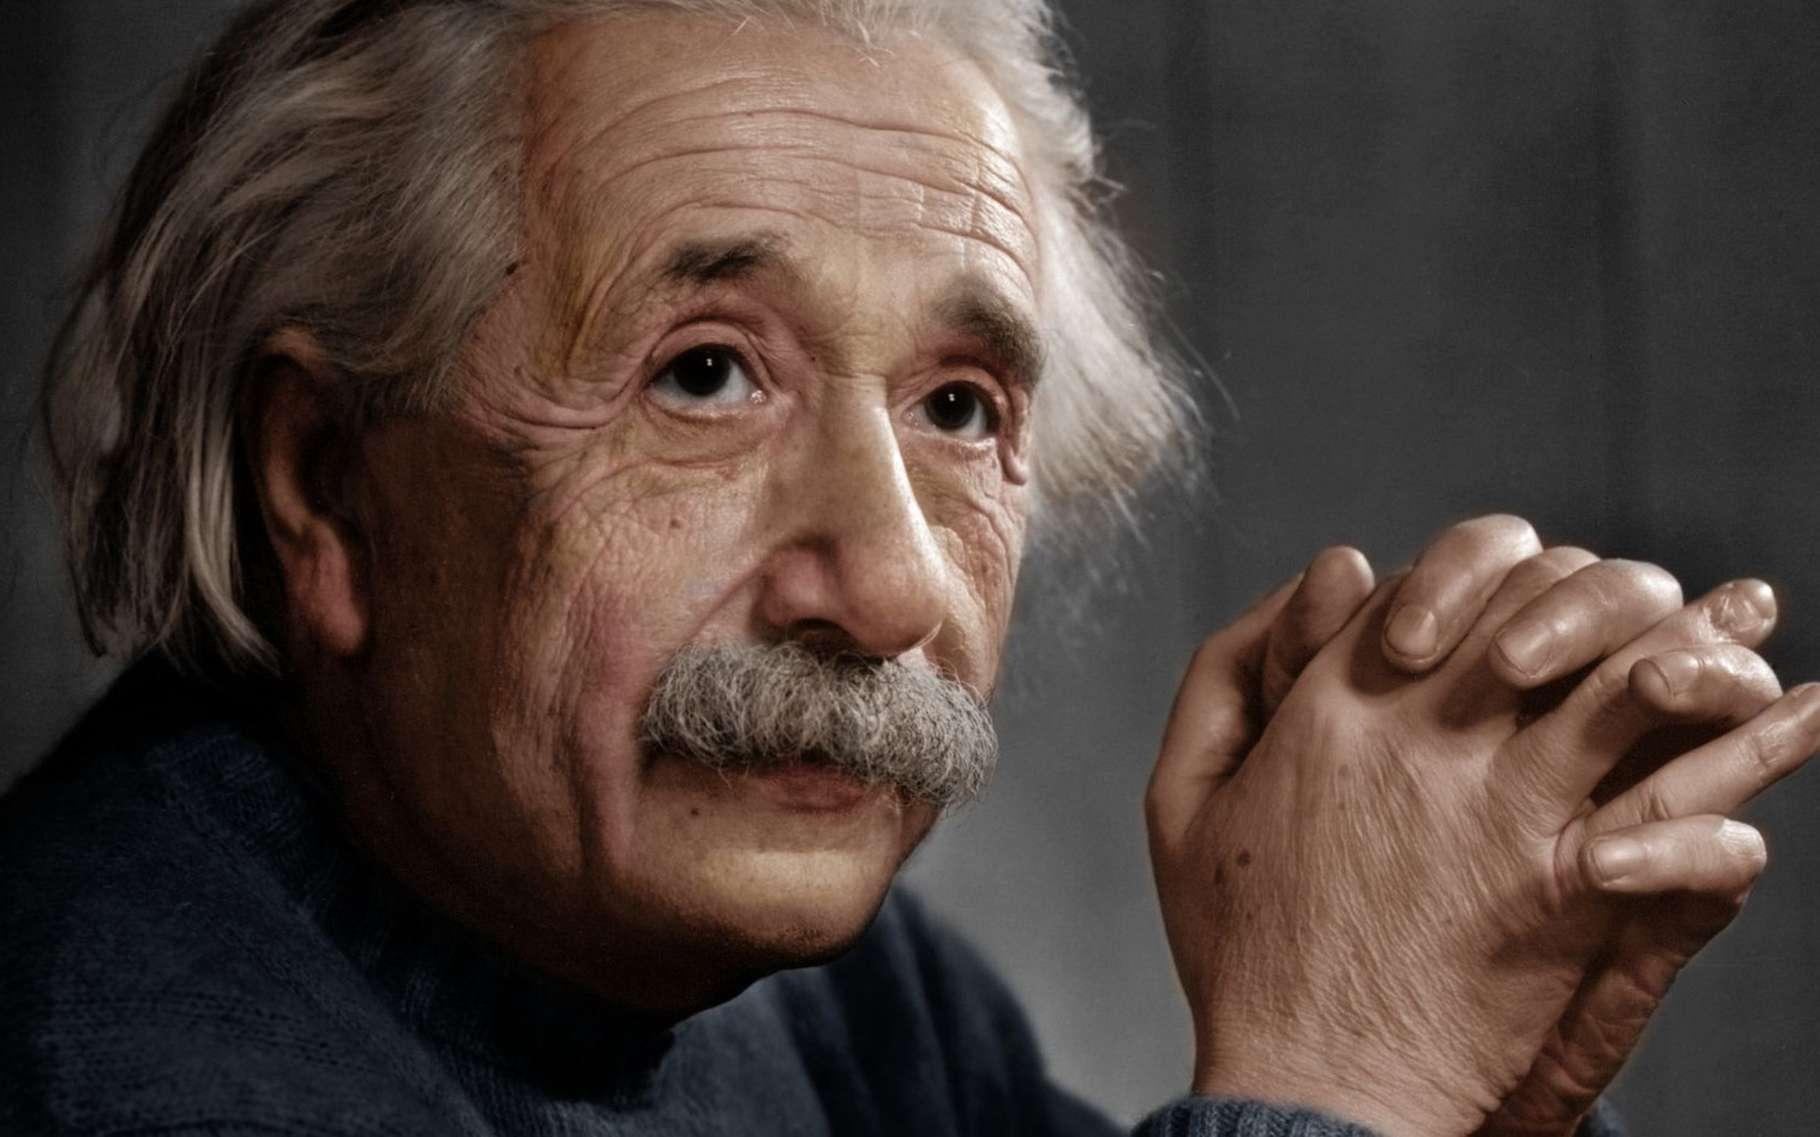 Albert Einstein est probablement le plus célèbre des physiciens. © InformiguelCarreño, Wikimedia Commons, CC by-sa 4.0